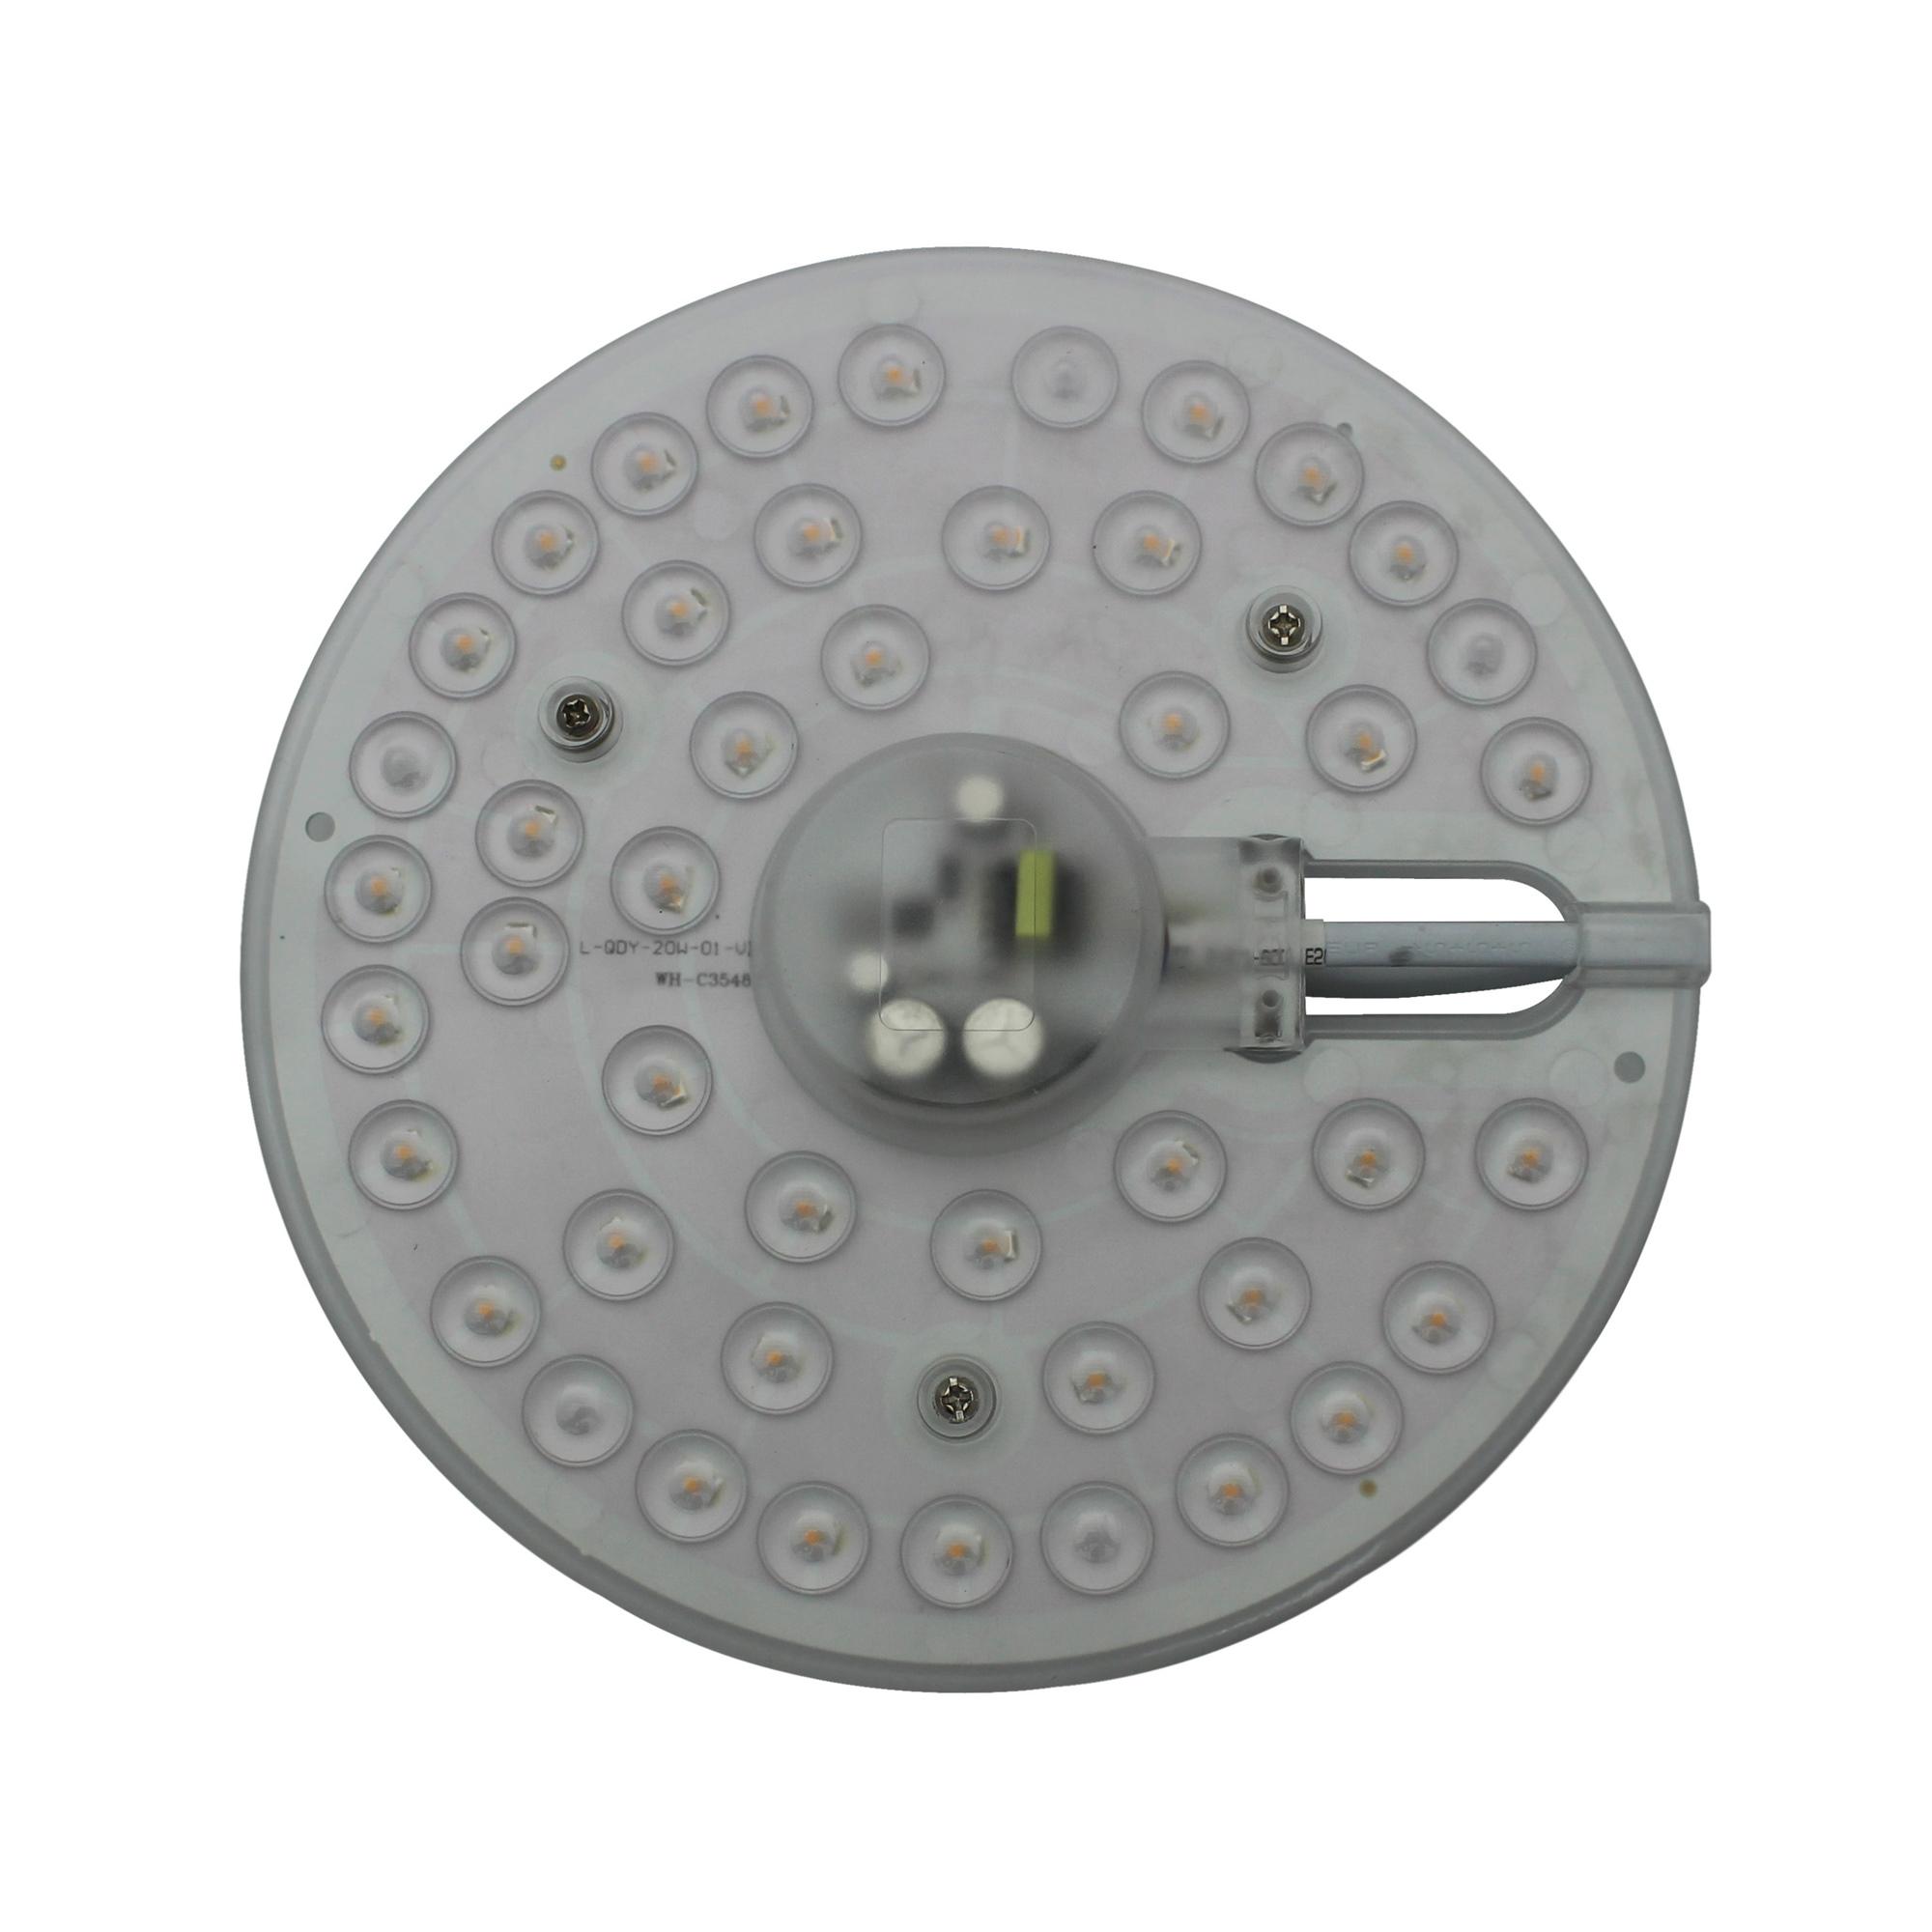 Lampenlux LED Platine Rund Umrüstmodul 230 V 1440 Lumen warmweiß Ø 18 cm Magnethalterung 3 cm flach